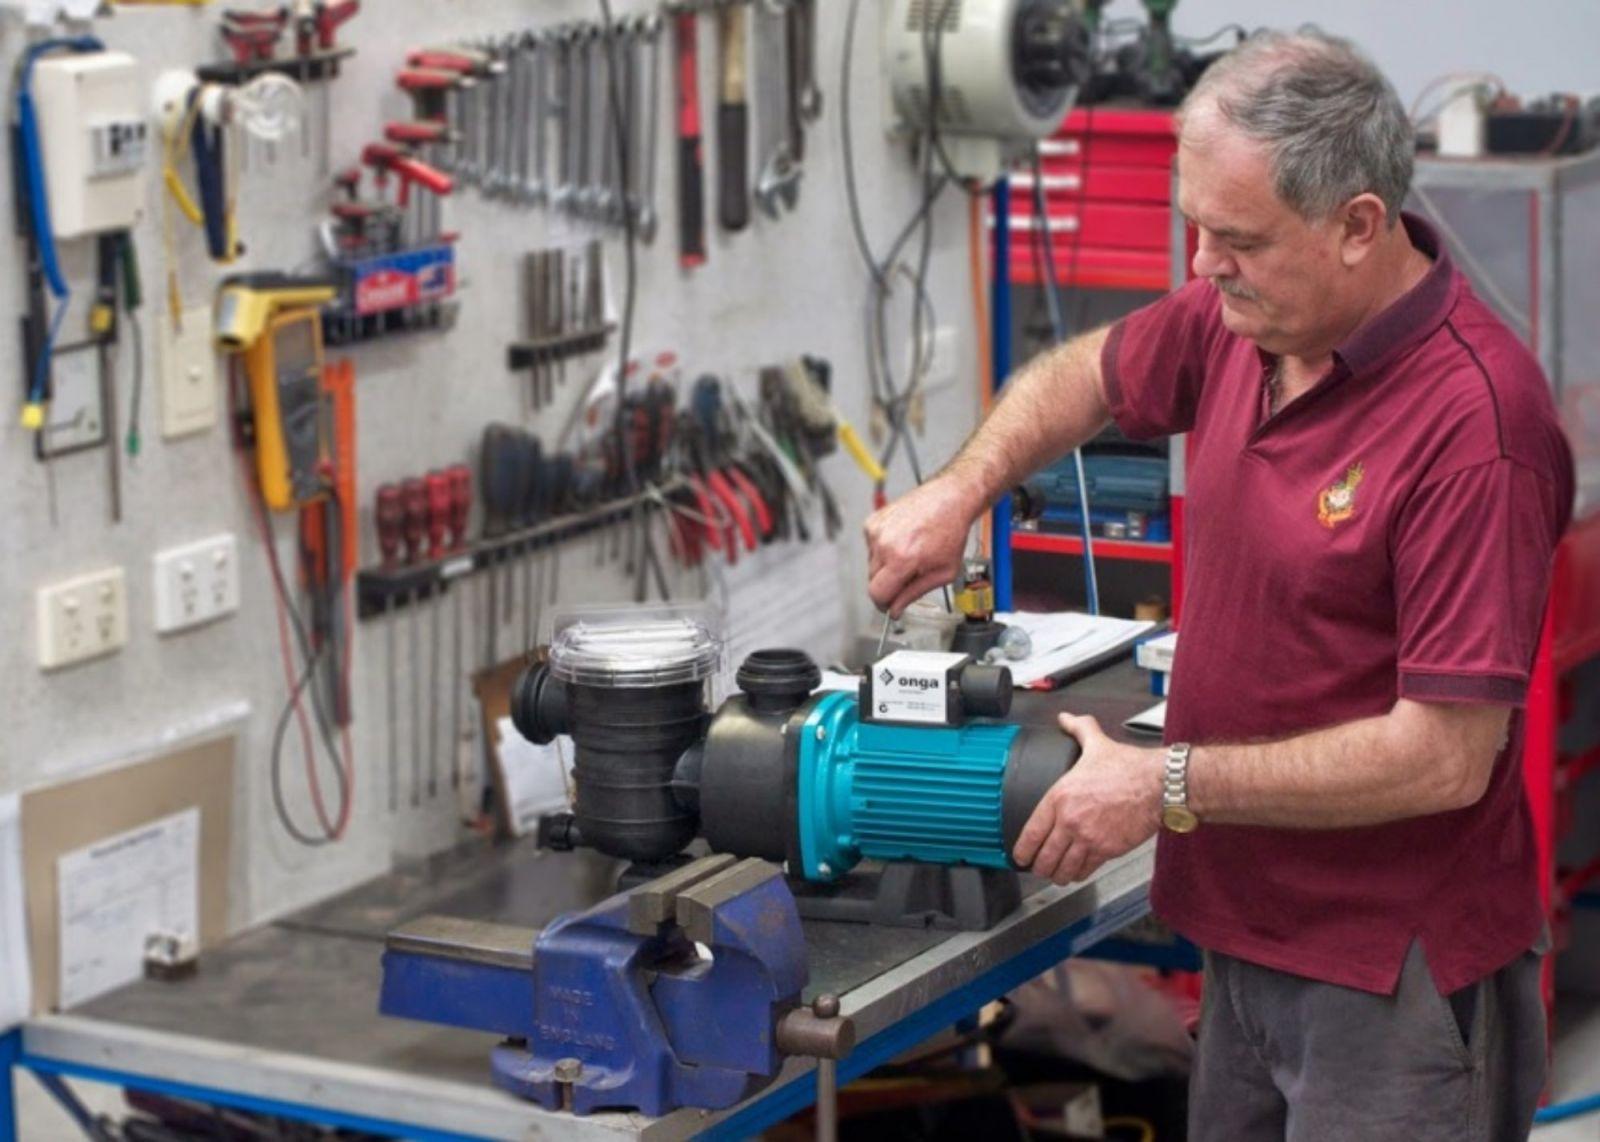 Tầm quan trọng của việc bảo trì bơm hóa chất và cách bảo trì